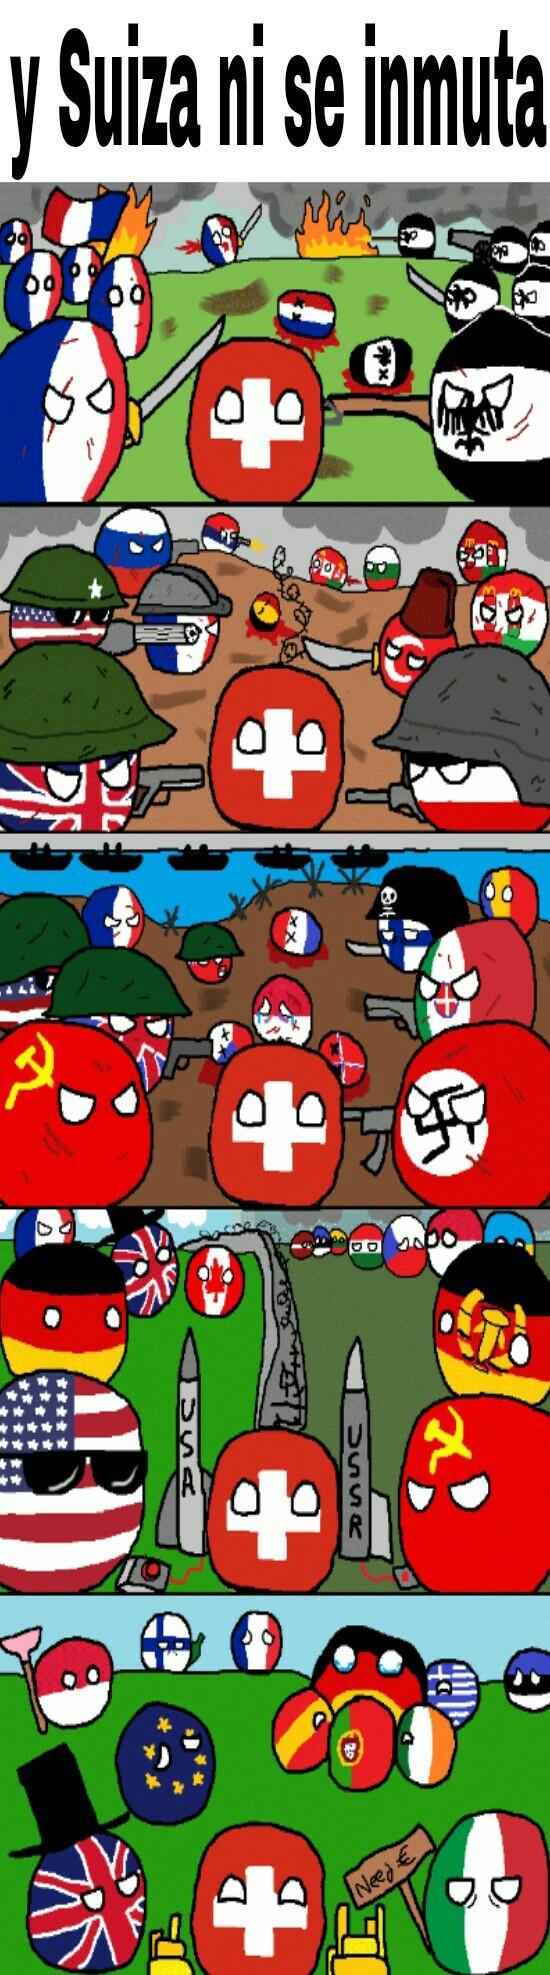 Soy como suiza - meme